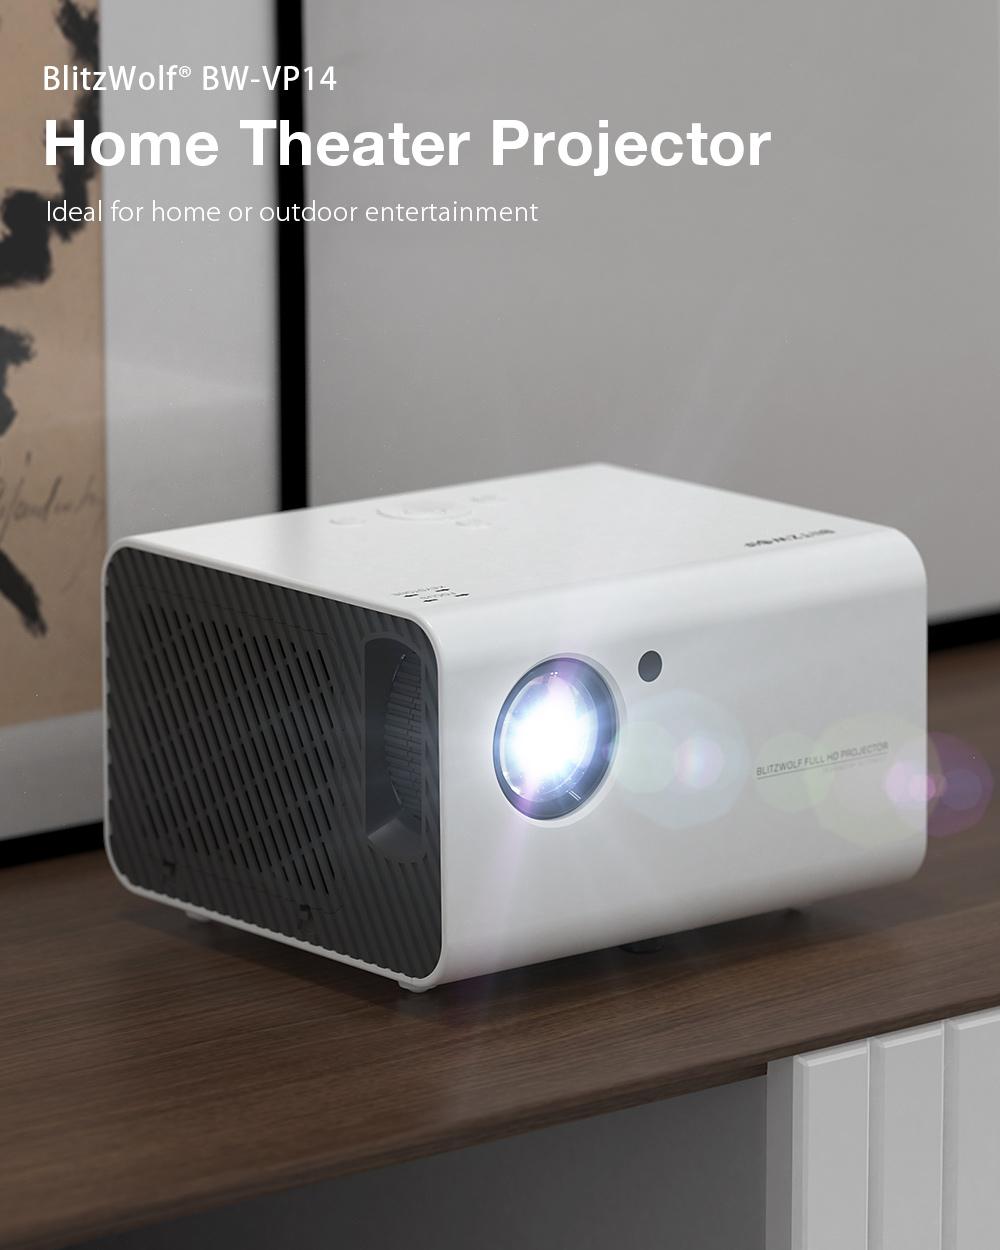 Blitzwolf 1080P Házmozi Projektor BW-VP14